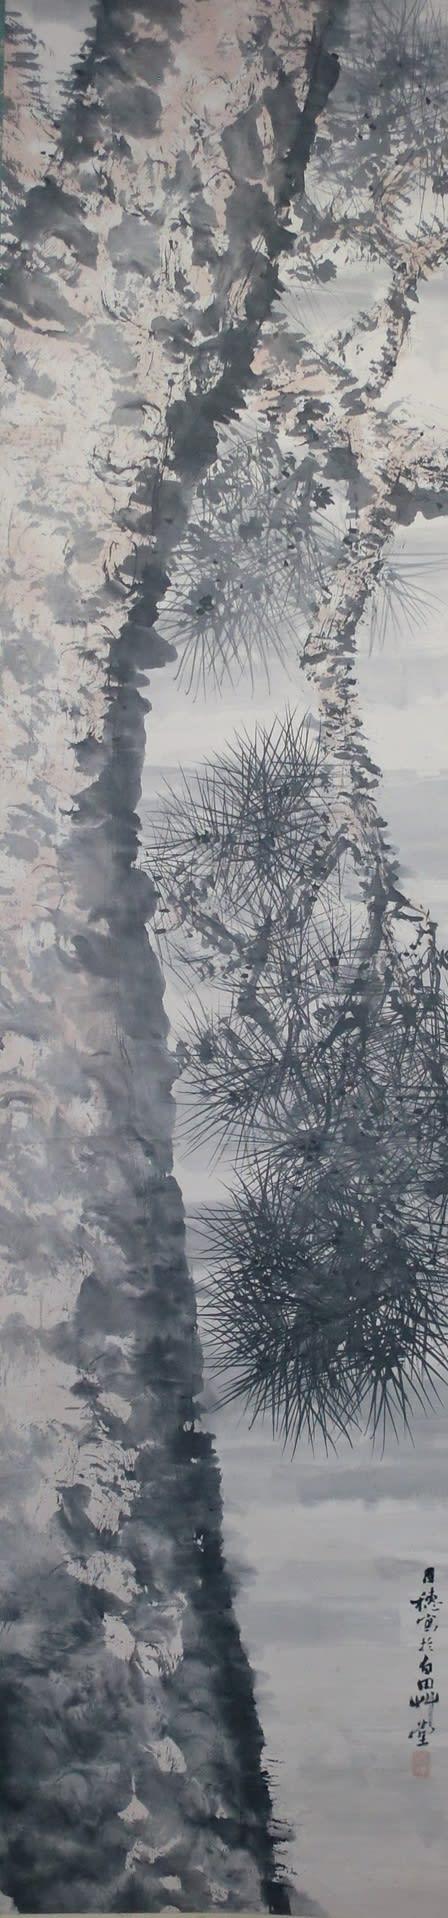 平福百穂の画像 p1_15